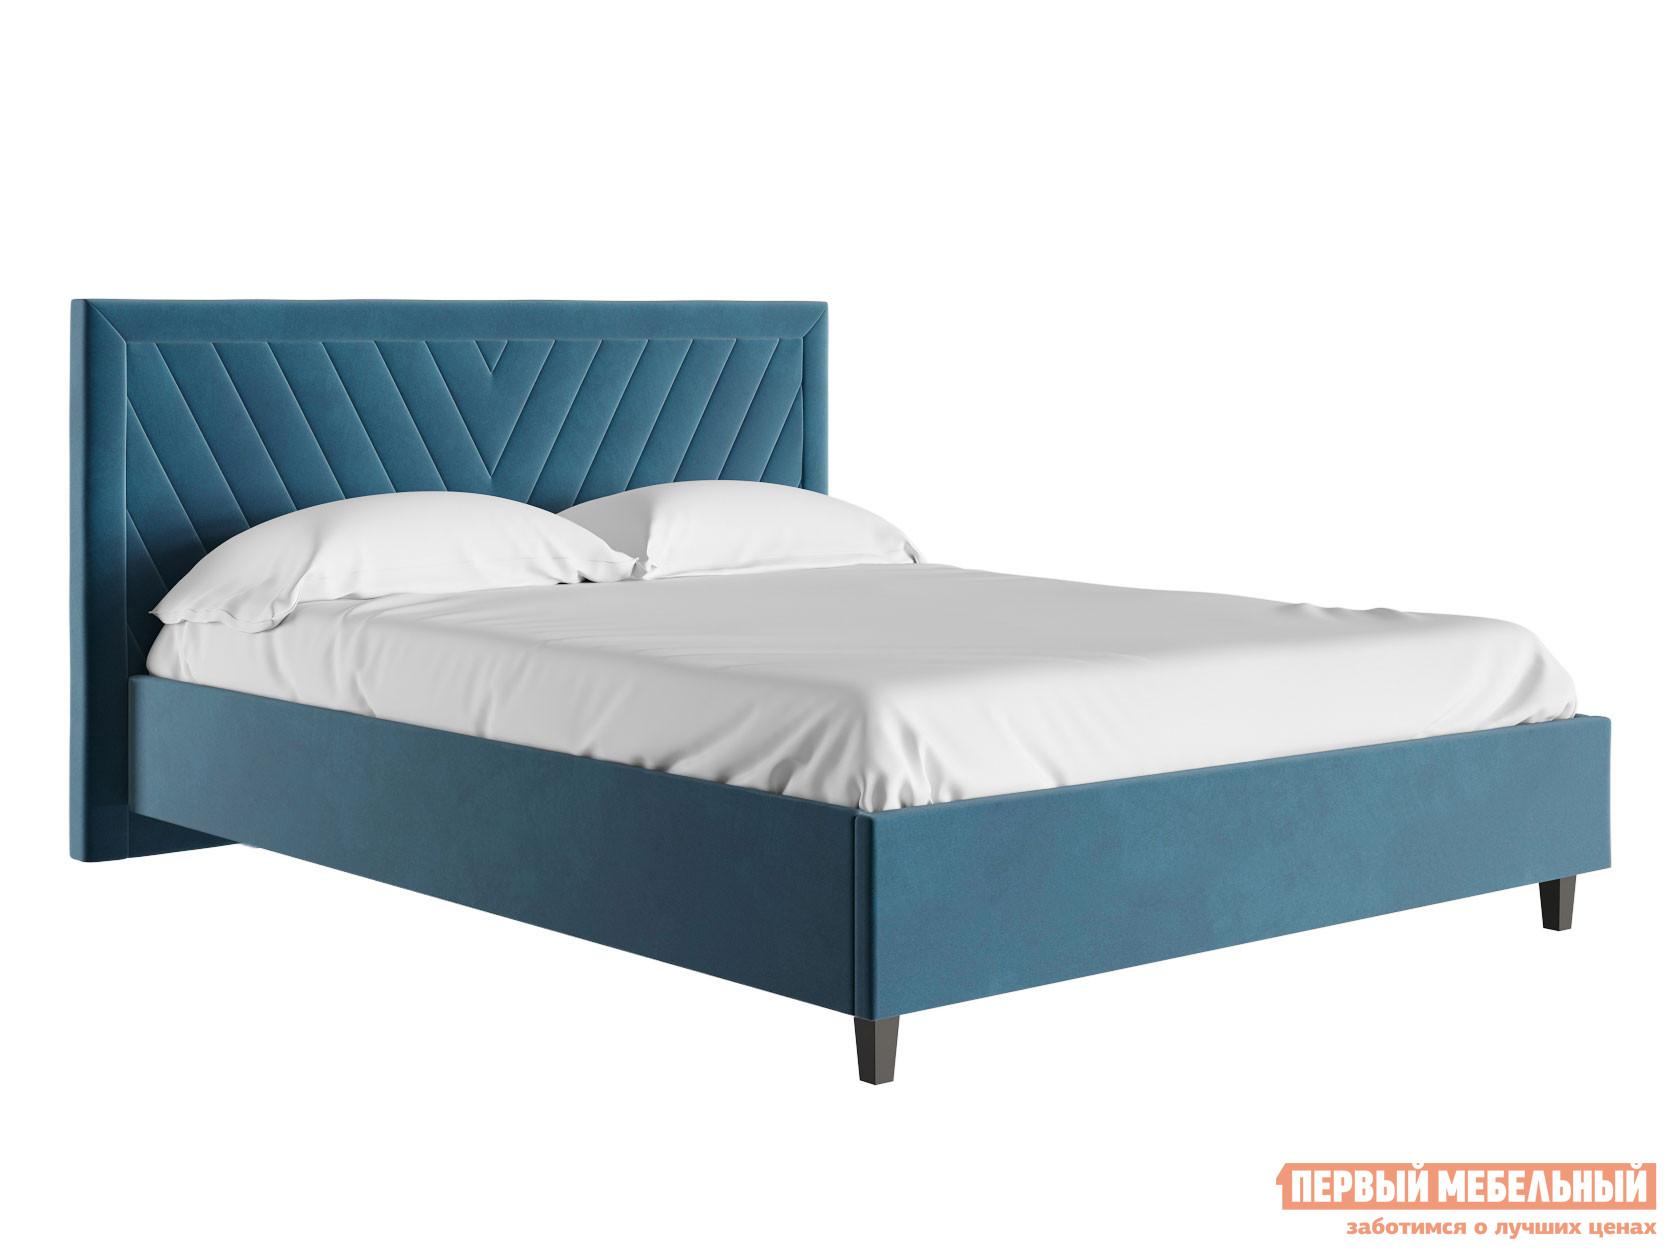 Двуспальная кровать  Кровать с подъемным механизмом Саманта Синий, микровелюр, 1600 Х 2000 мм